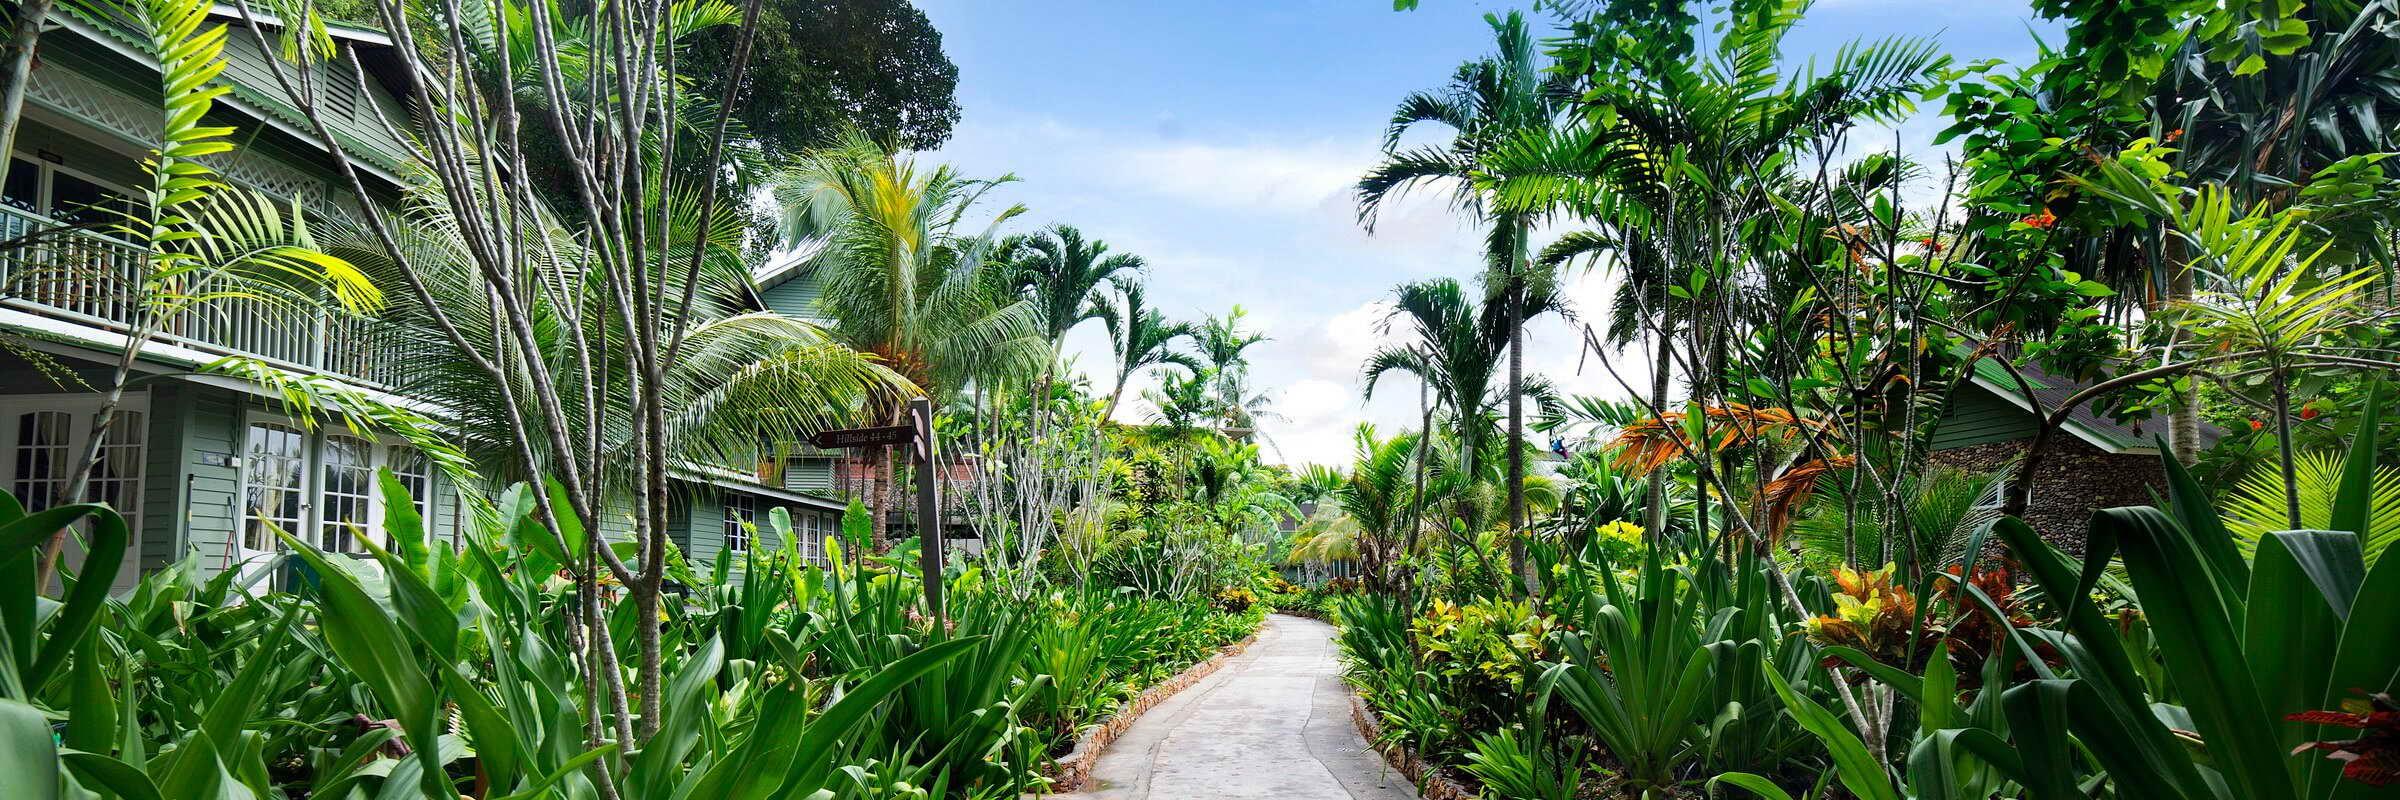 Die gemütlichen Bungalows im Rawa Island Resort fügen sich harmonisch in die Dschungelumgebung der Insel ein.